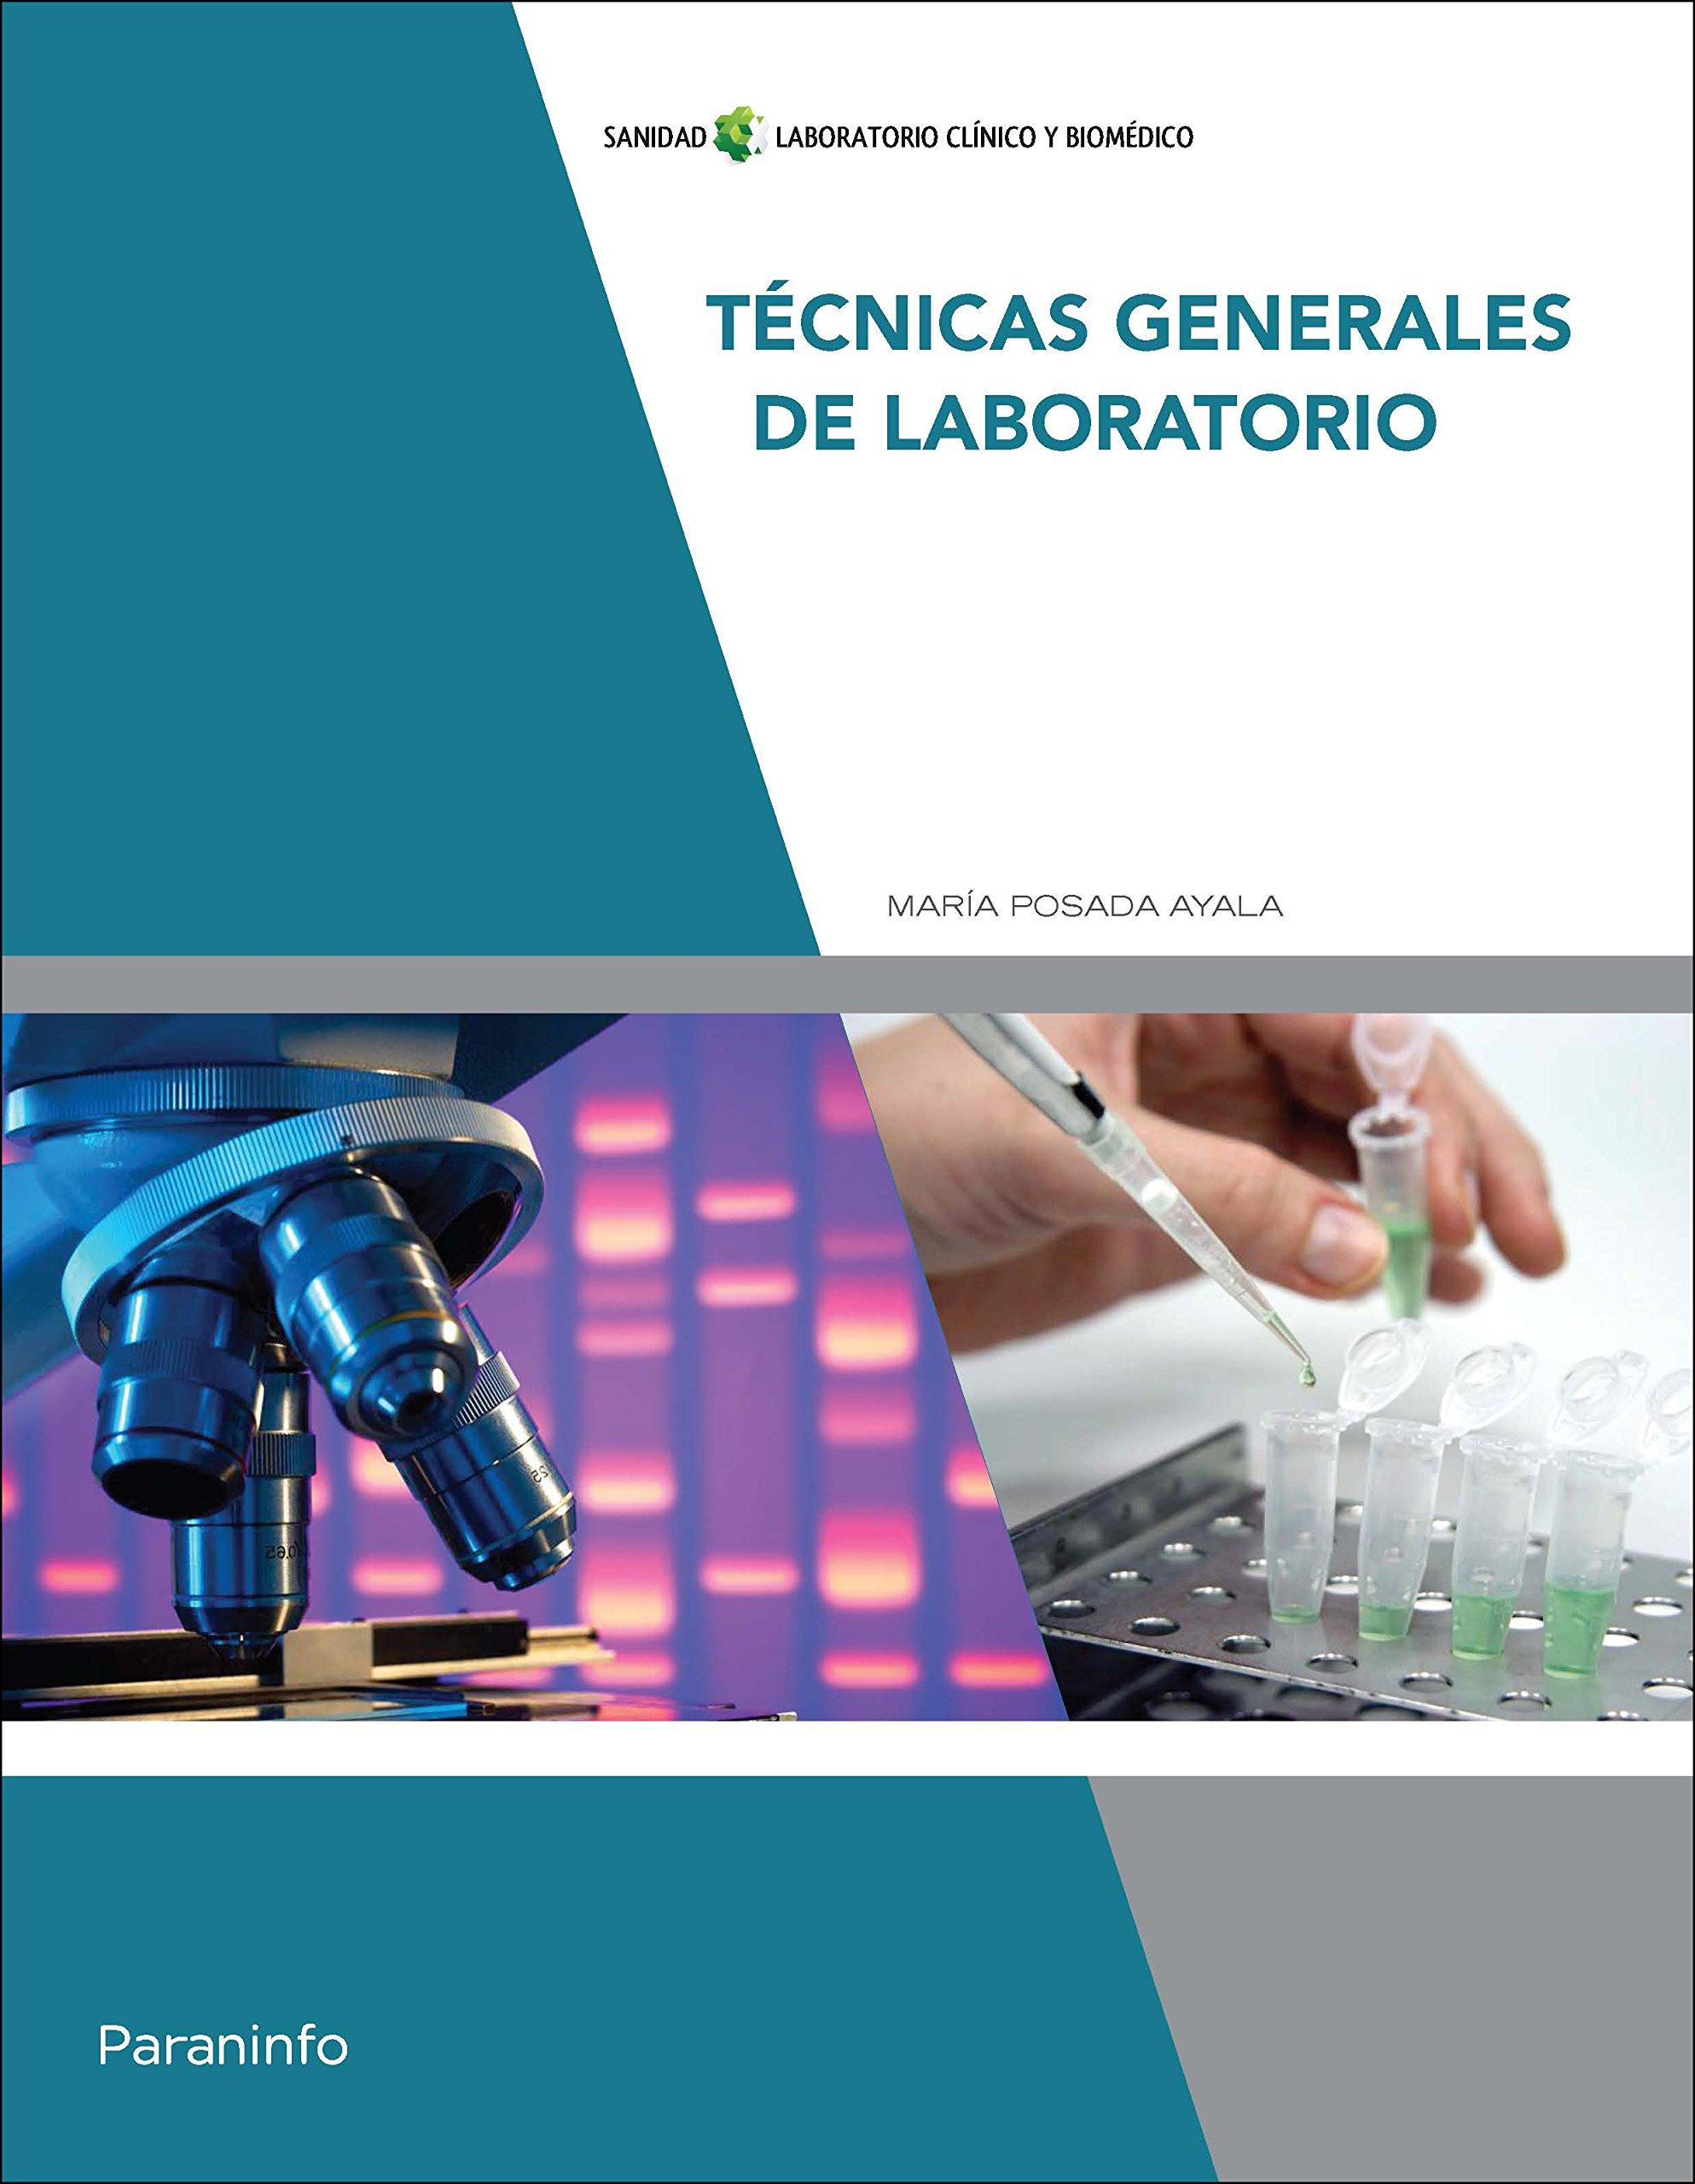 Técnicas generales de laboratorio: Amazon.es: MARÍA POSADA AYALA: Libros